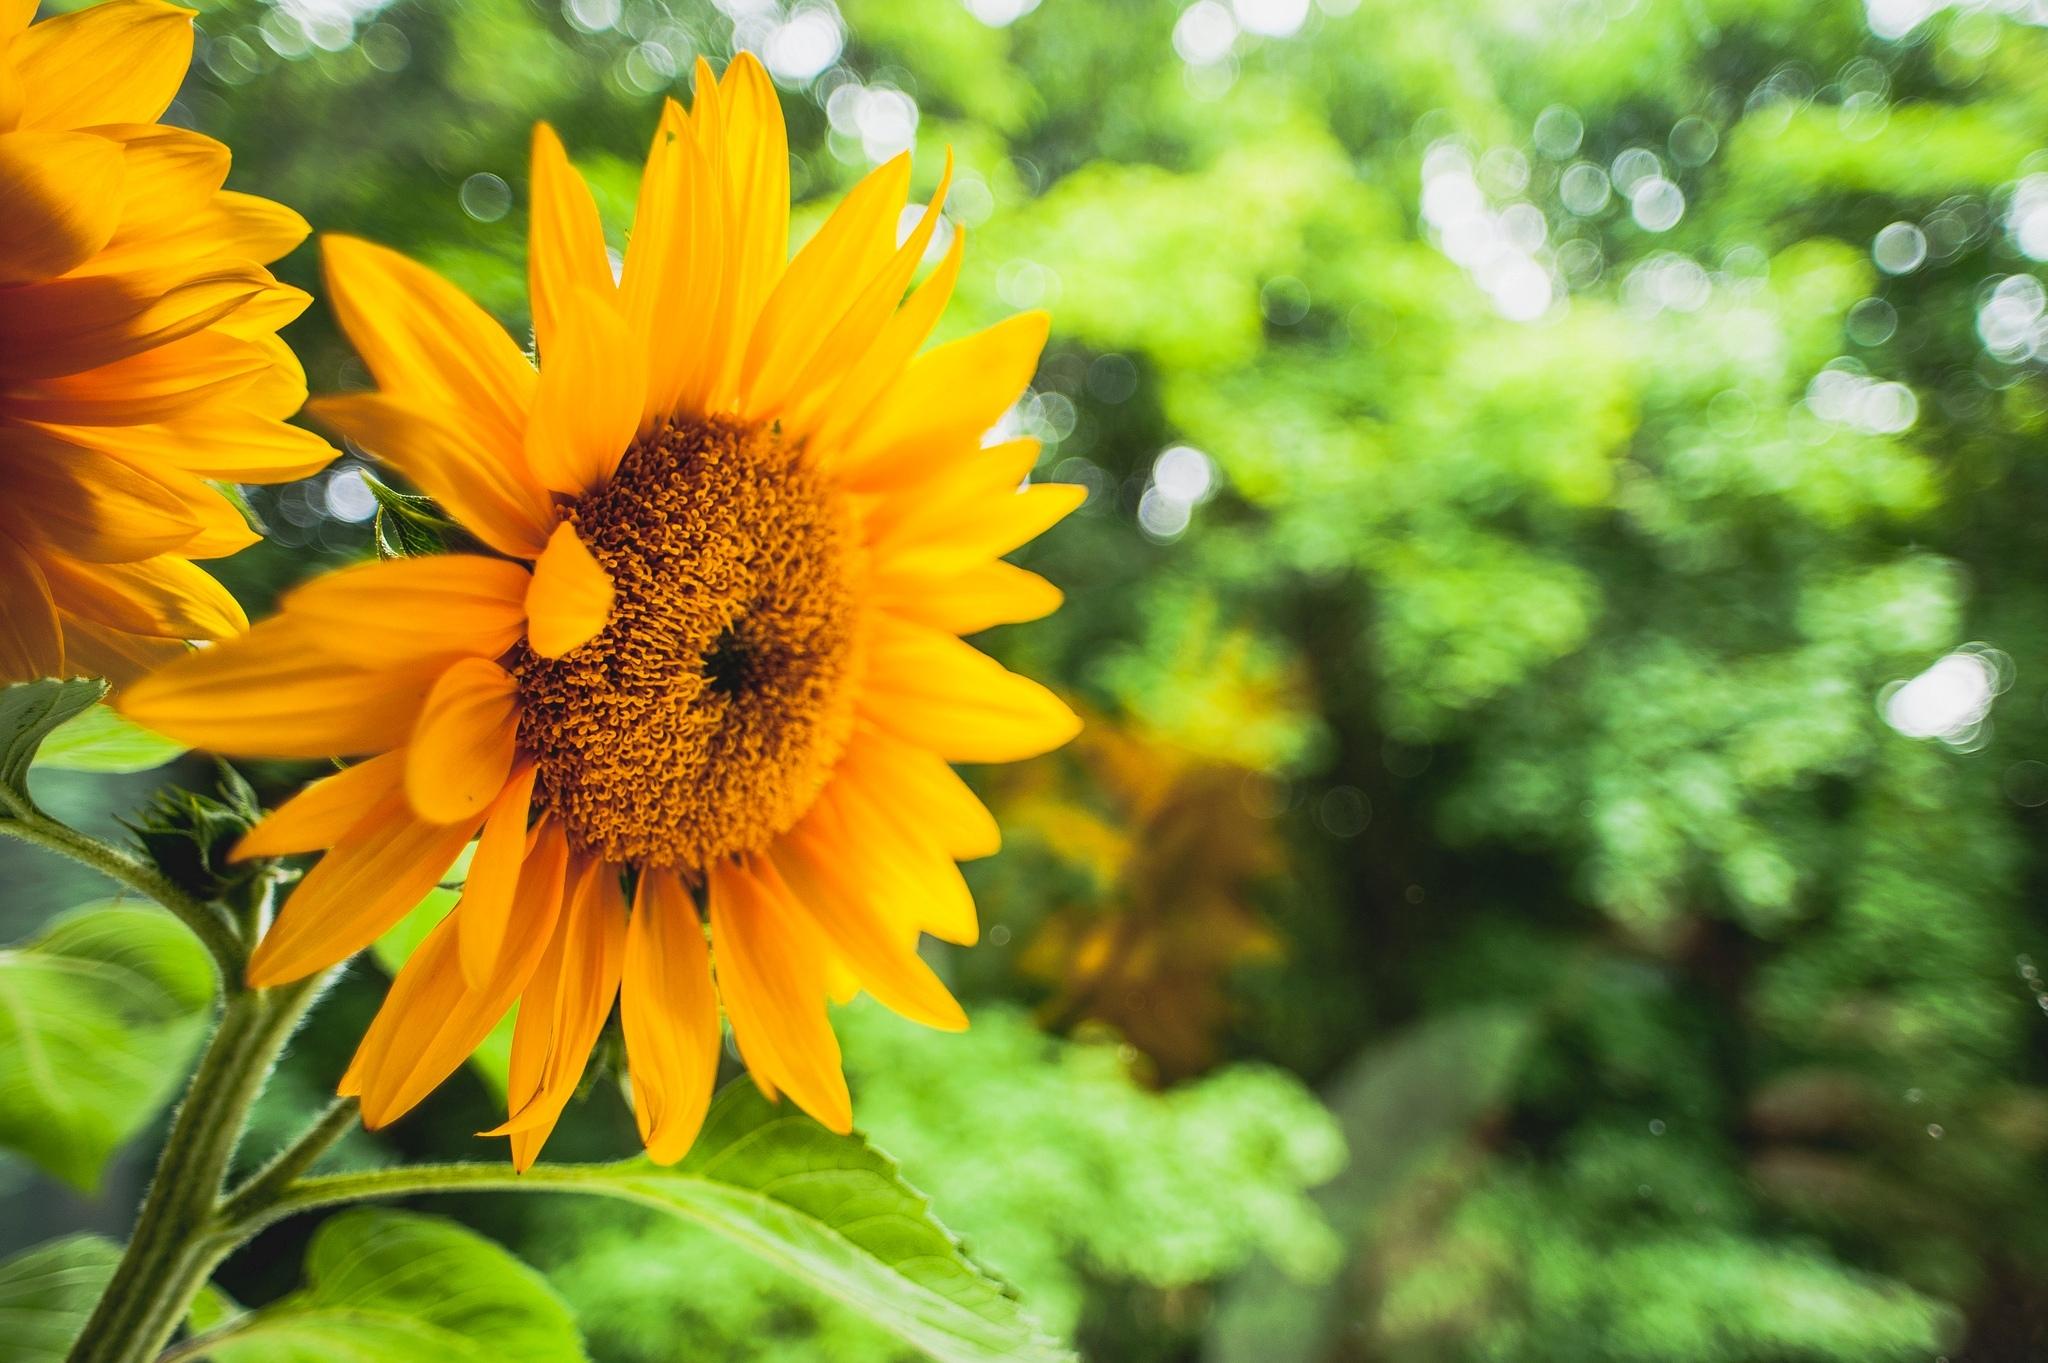 Желтый цветок в зеленой траве загрузить